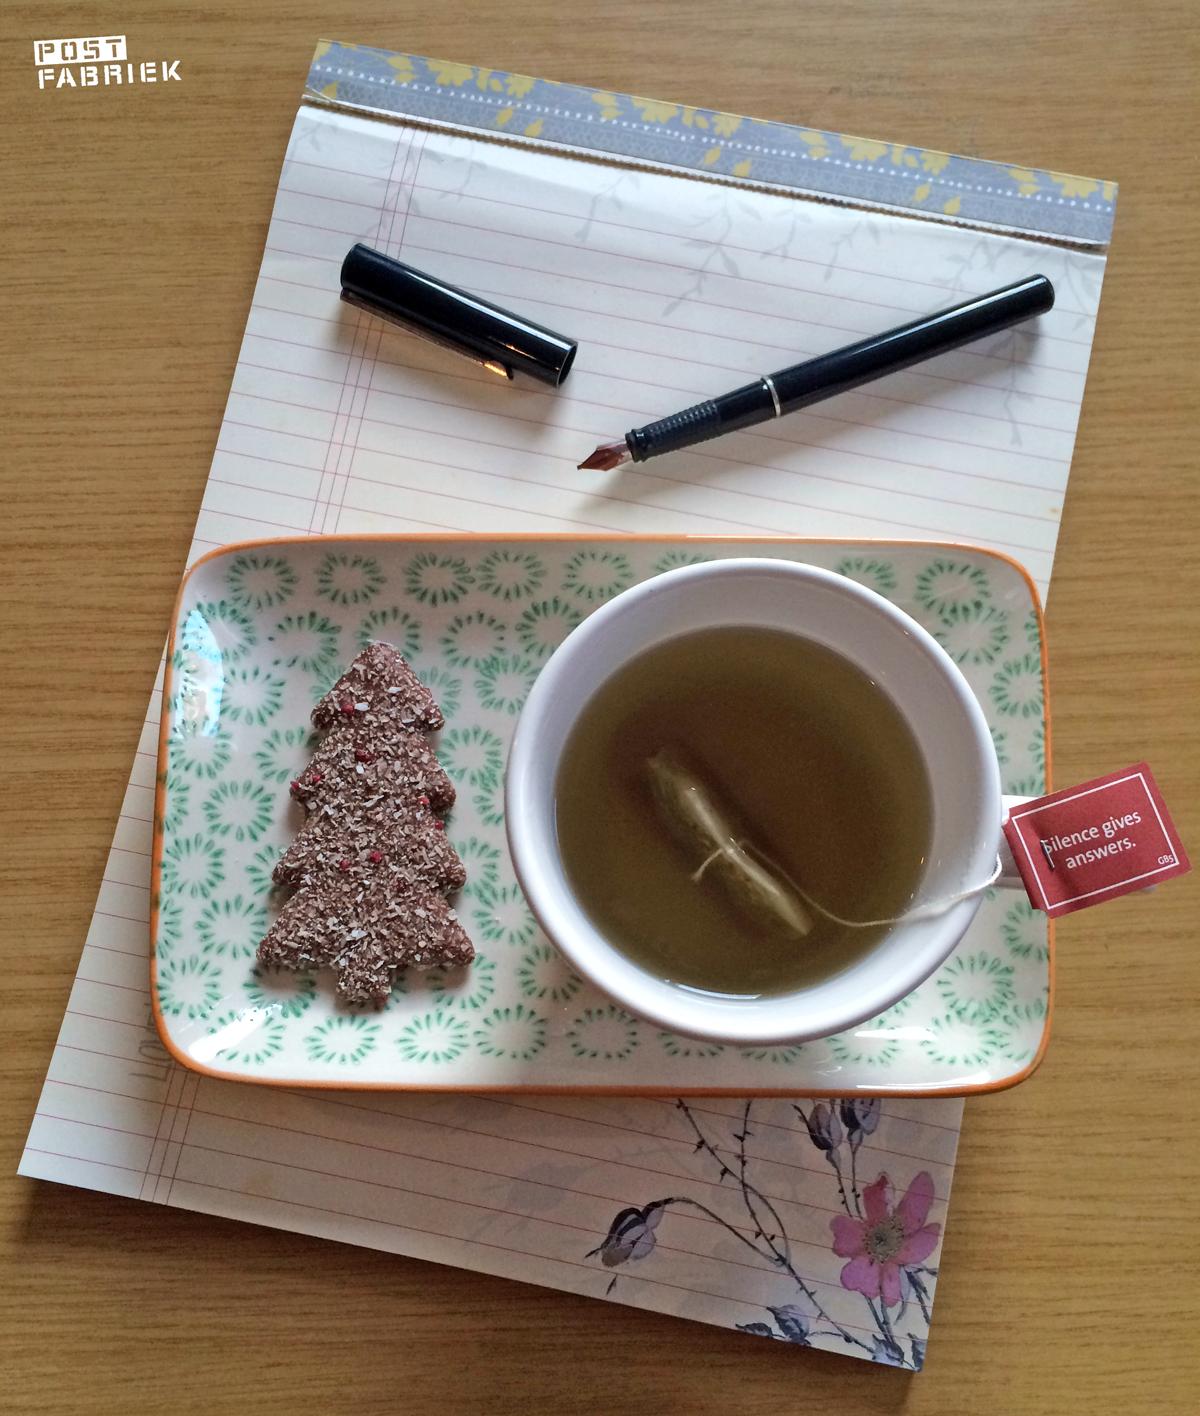 Installeer je met een kop thee, iets lekkers, pen en papier en schrijf mee